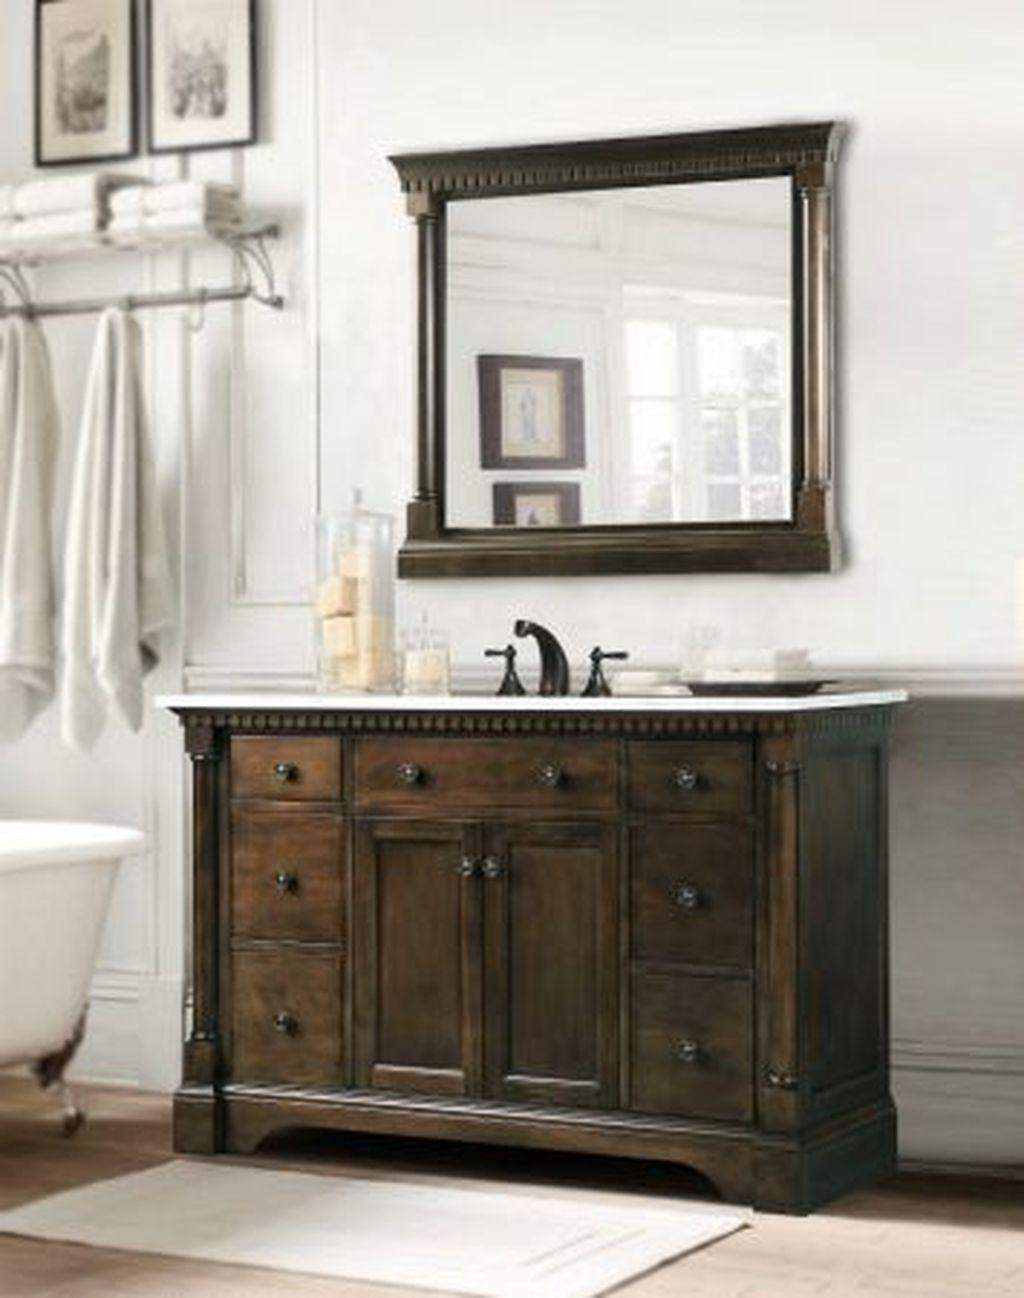 45 Incredible Single Vanity Bathroom Design Ideas To Try Single Sink Bathroom Vanity Bathroom Sink Vanity 36 Bathroom Vanity 45 single sink bathroom vanity